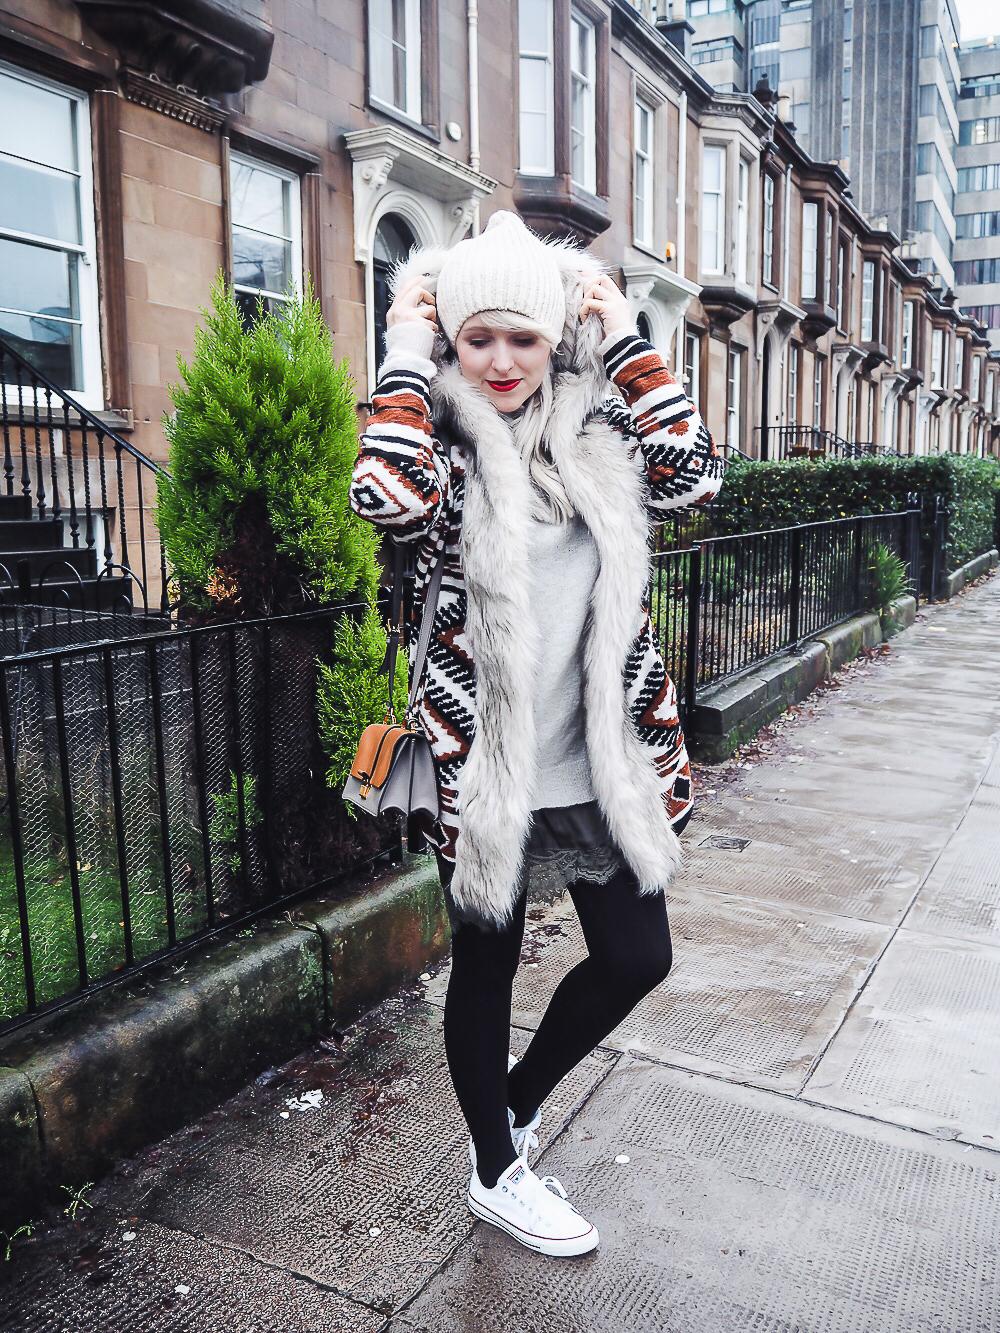 Wearing IR in Glasgow